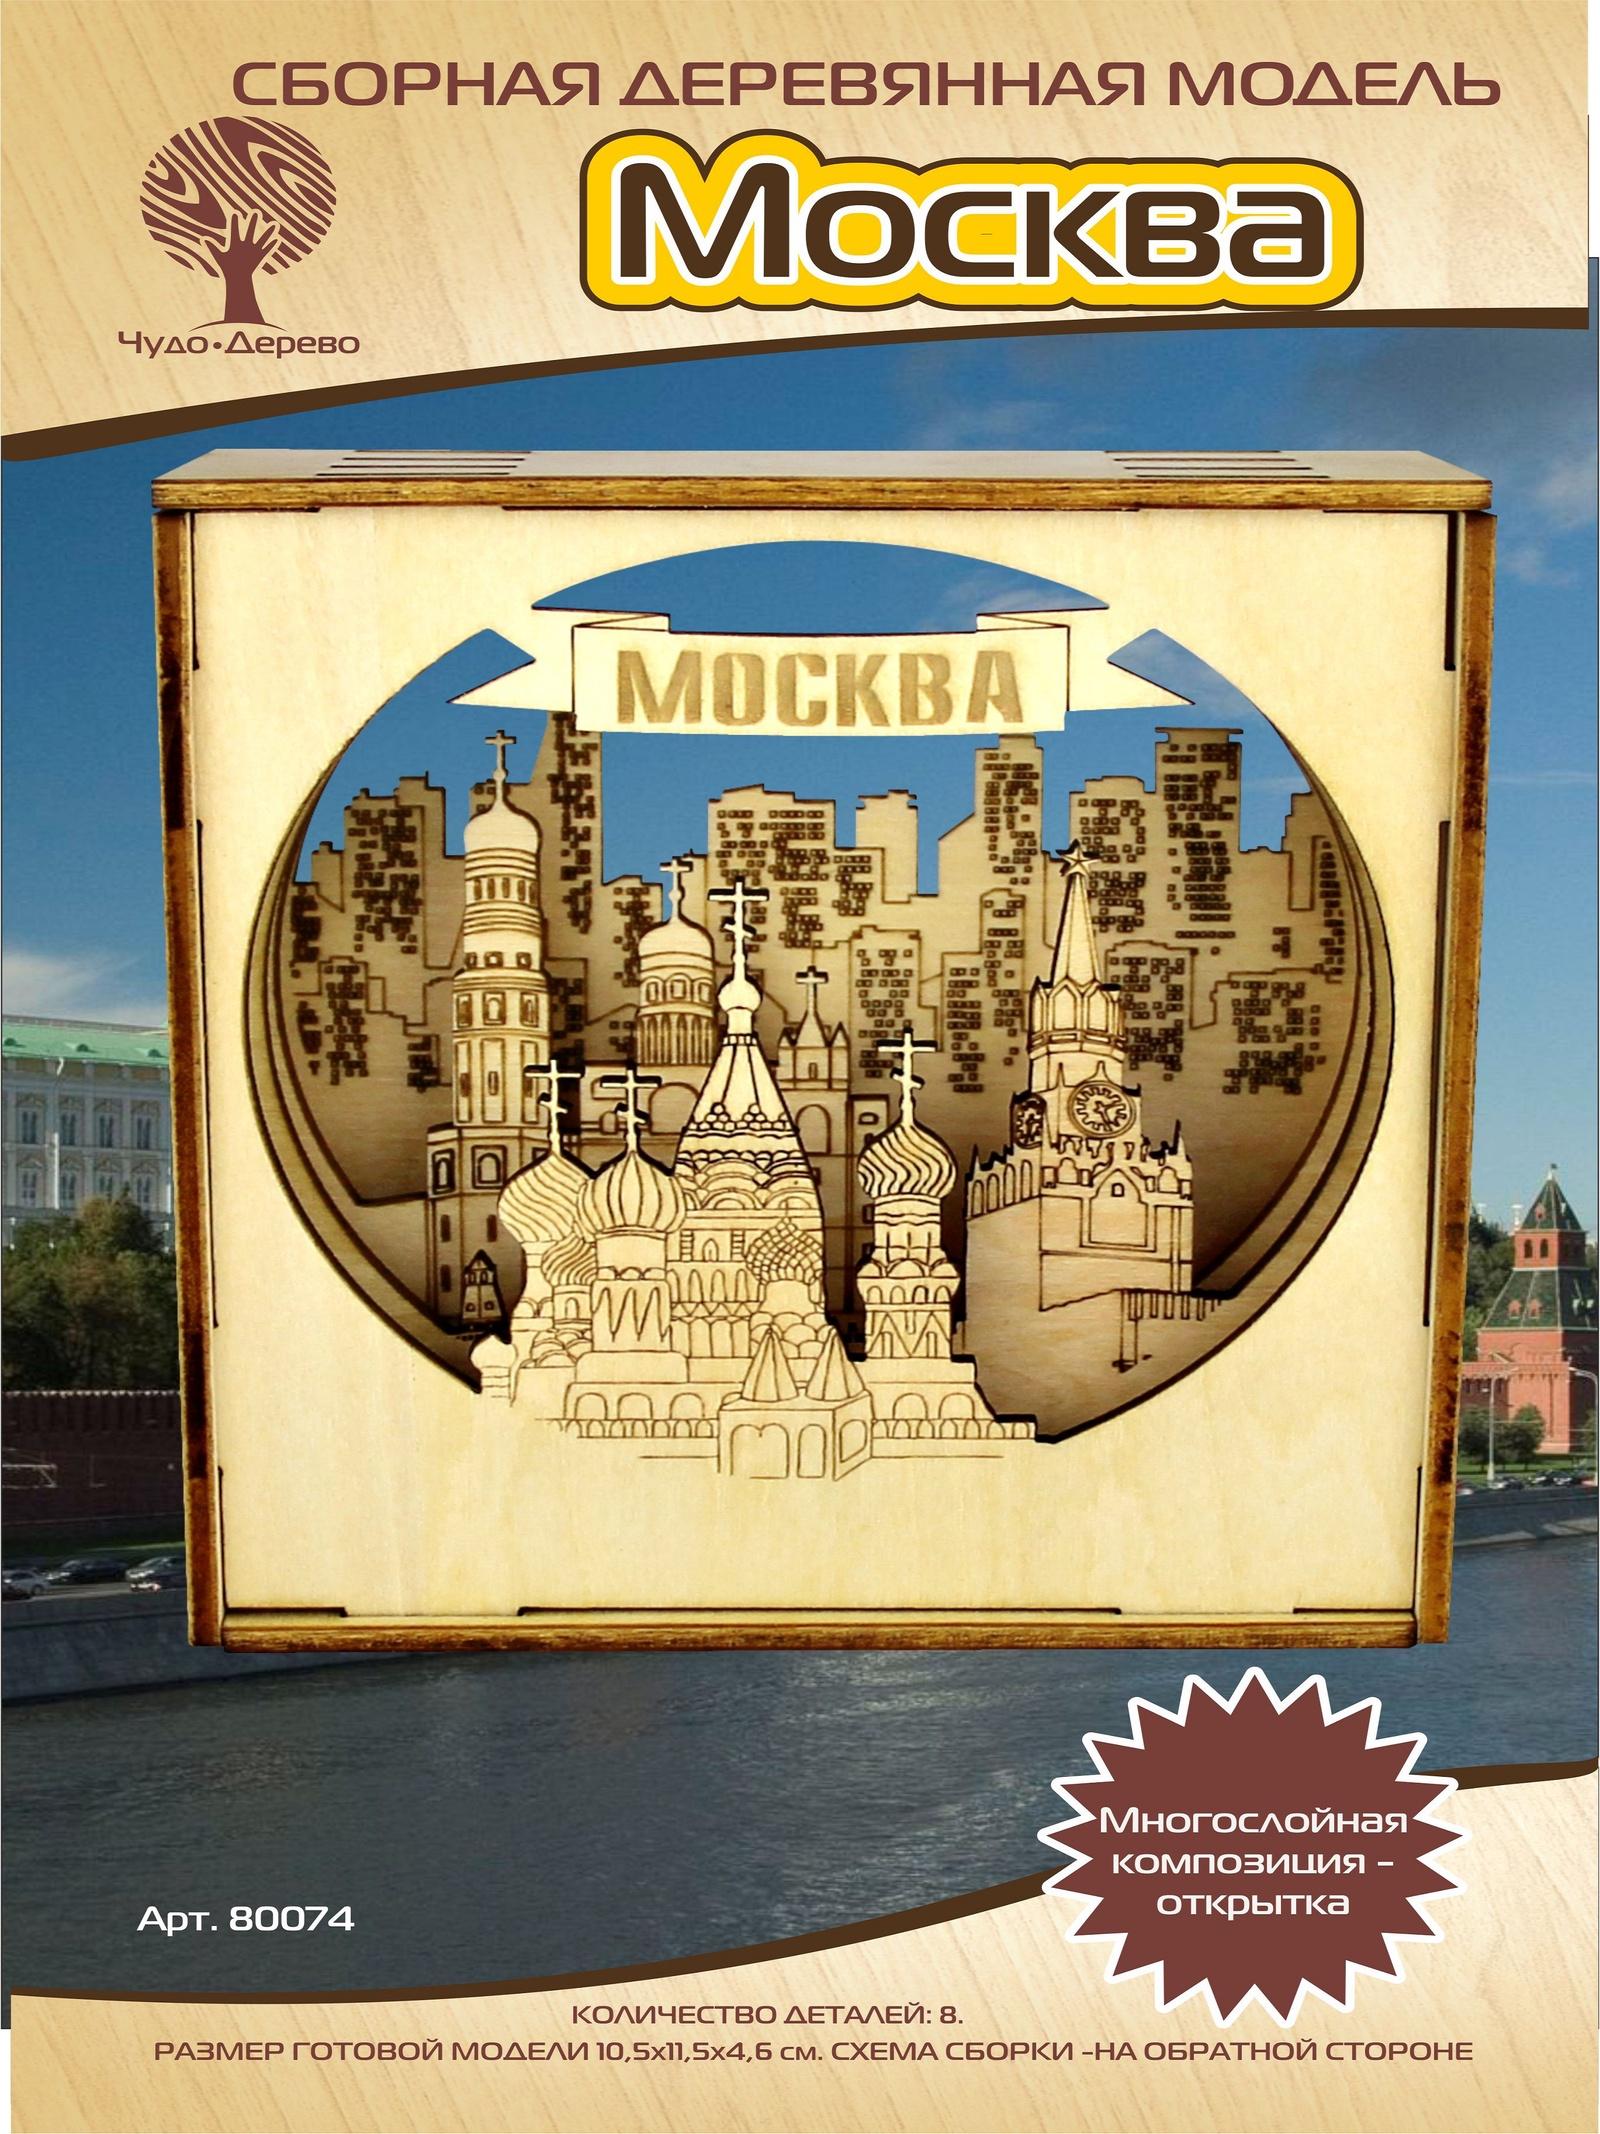 Деревянный конструктор Чудо-дерево Композиция-открытка Москва, 80074 открытка borяn дерево надежды 001 304